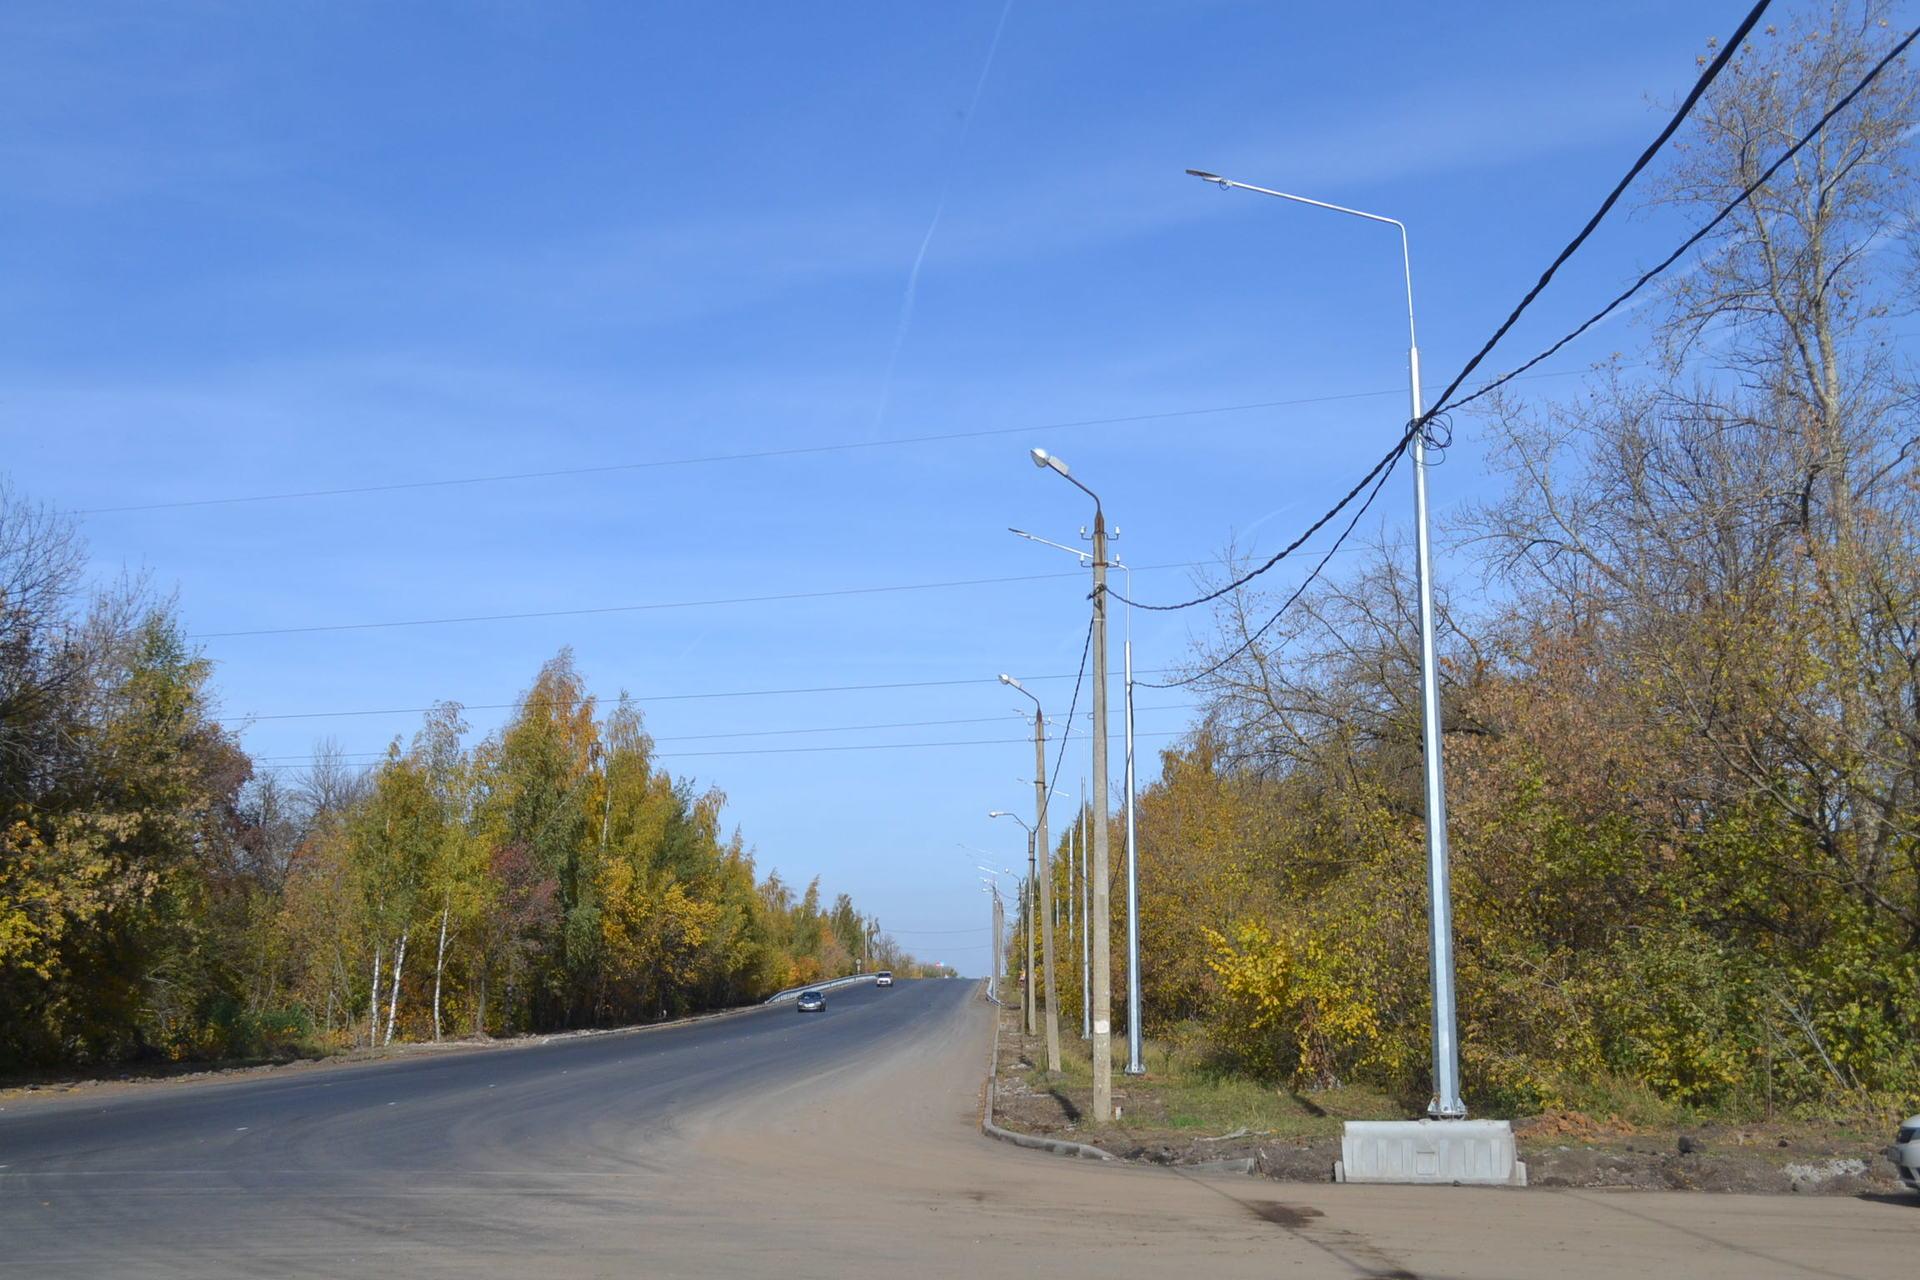 Ремонт участка Комсомольского шоссе будет полностью завершен в течение недели